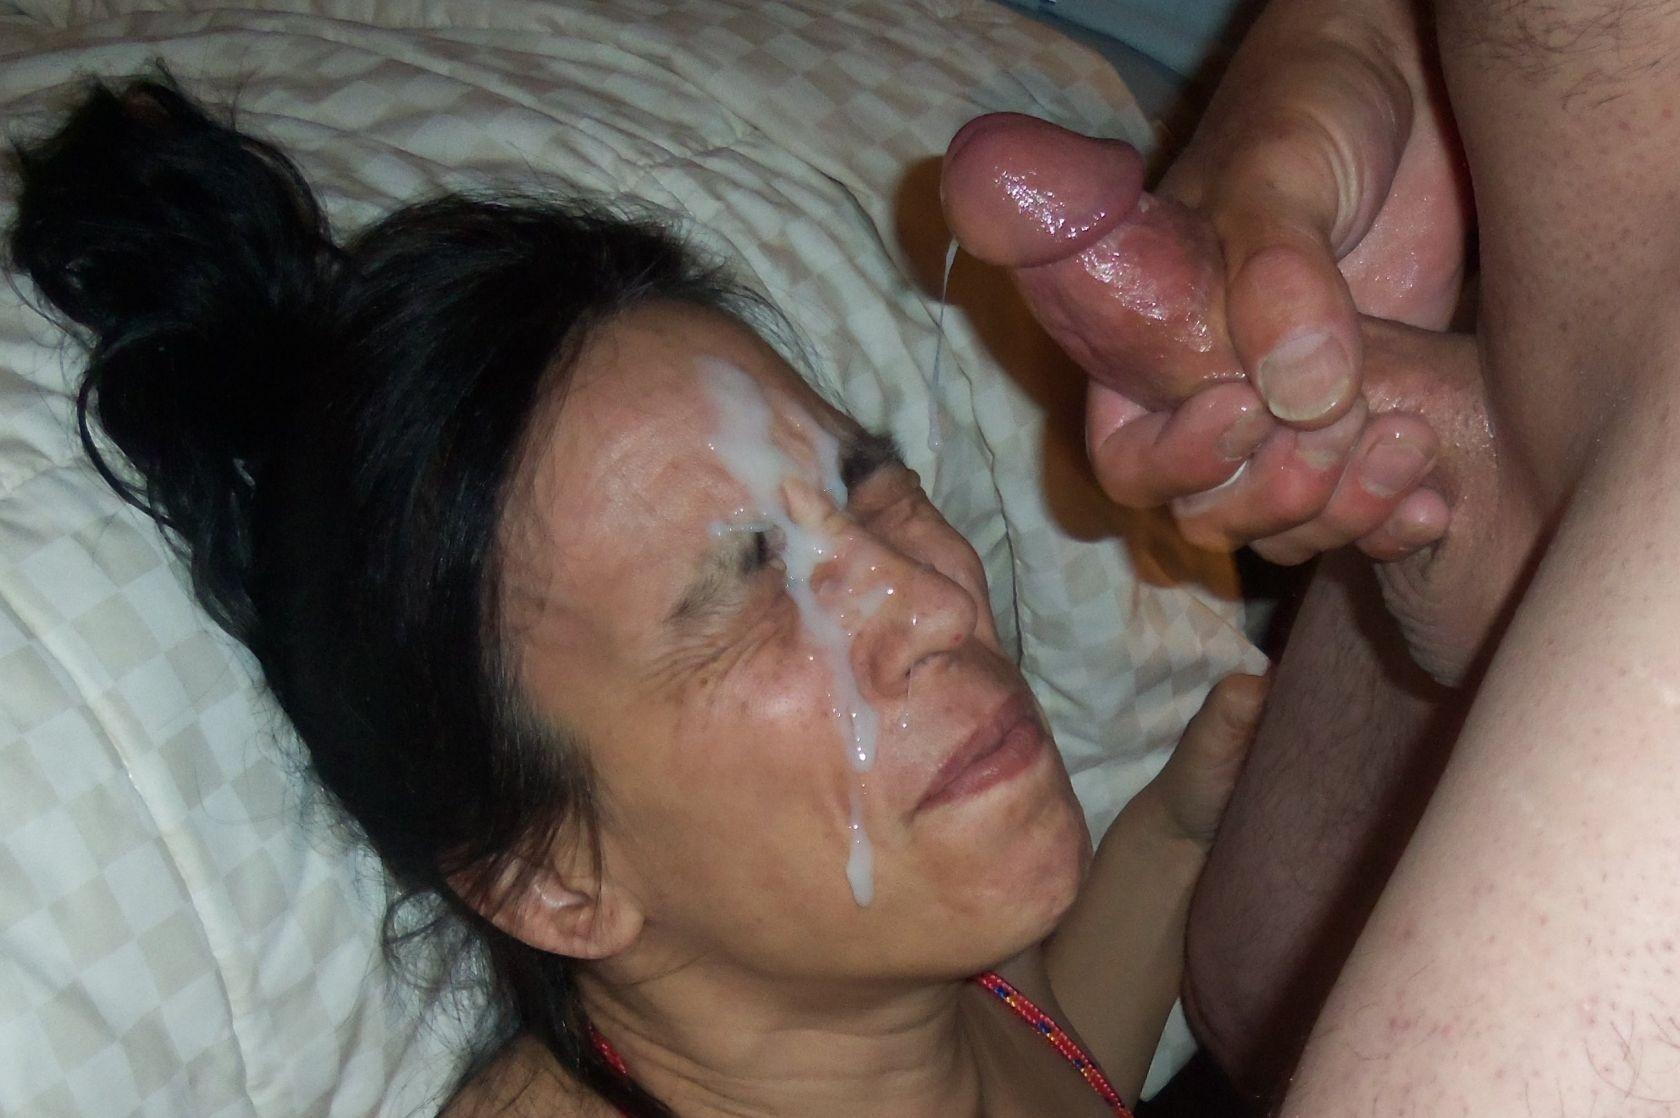 porno-foto-sperma-na-litse-i-odezhde-zrelih-zhenshin-pornozvezda-mishel-soset-huy